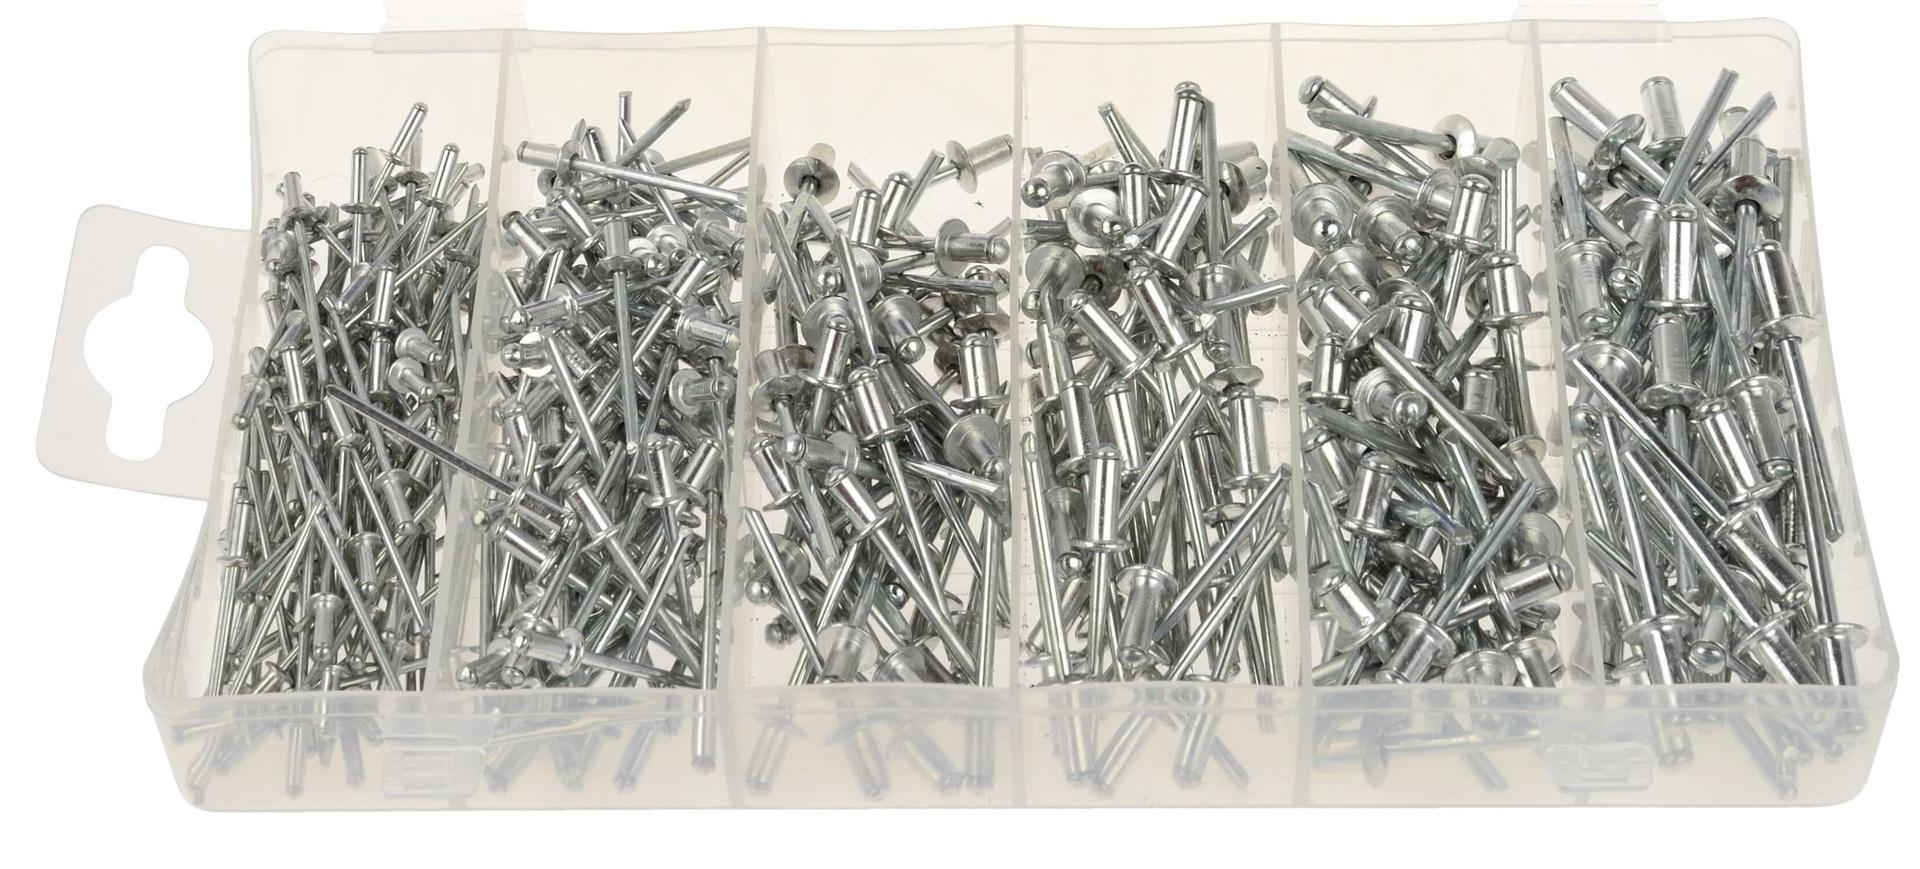 Trhací nýty hliníkové, 2.4 x 6 - 4.8 x 10 mm, plochá hlava, sada 400 kusů